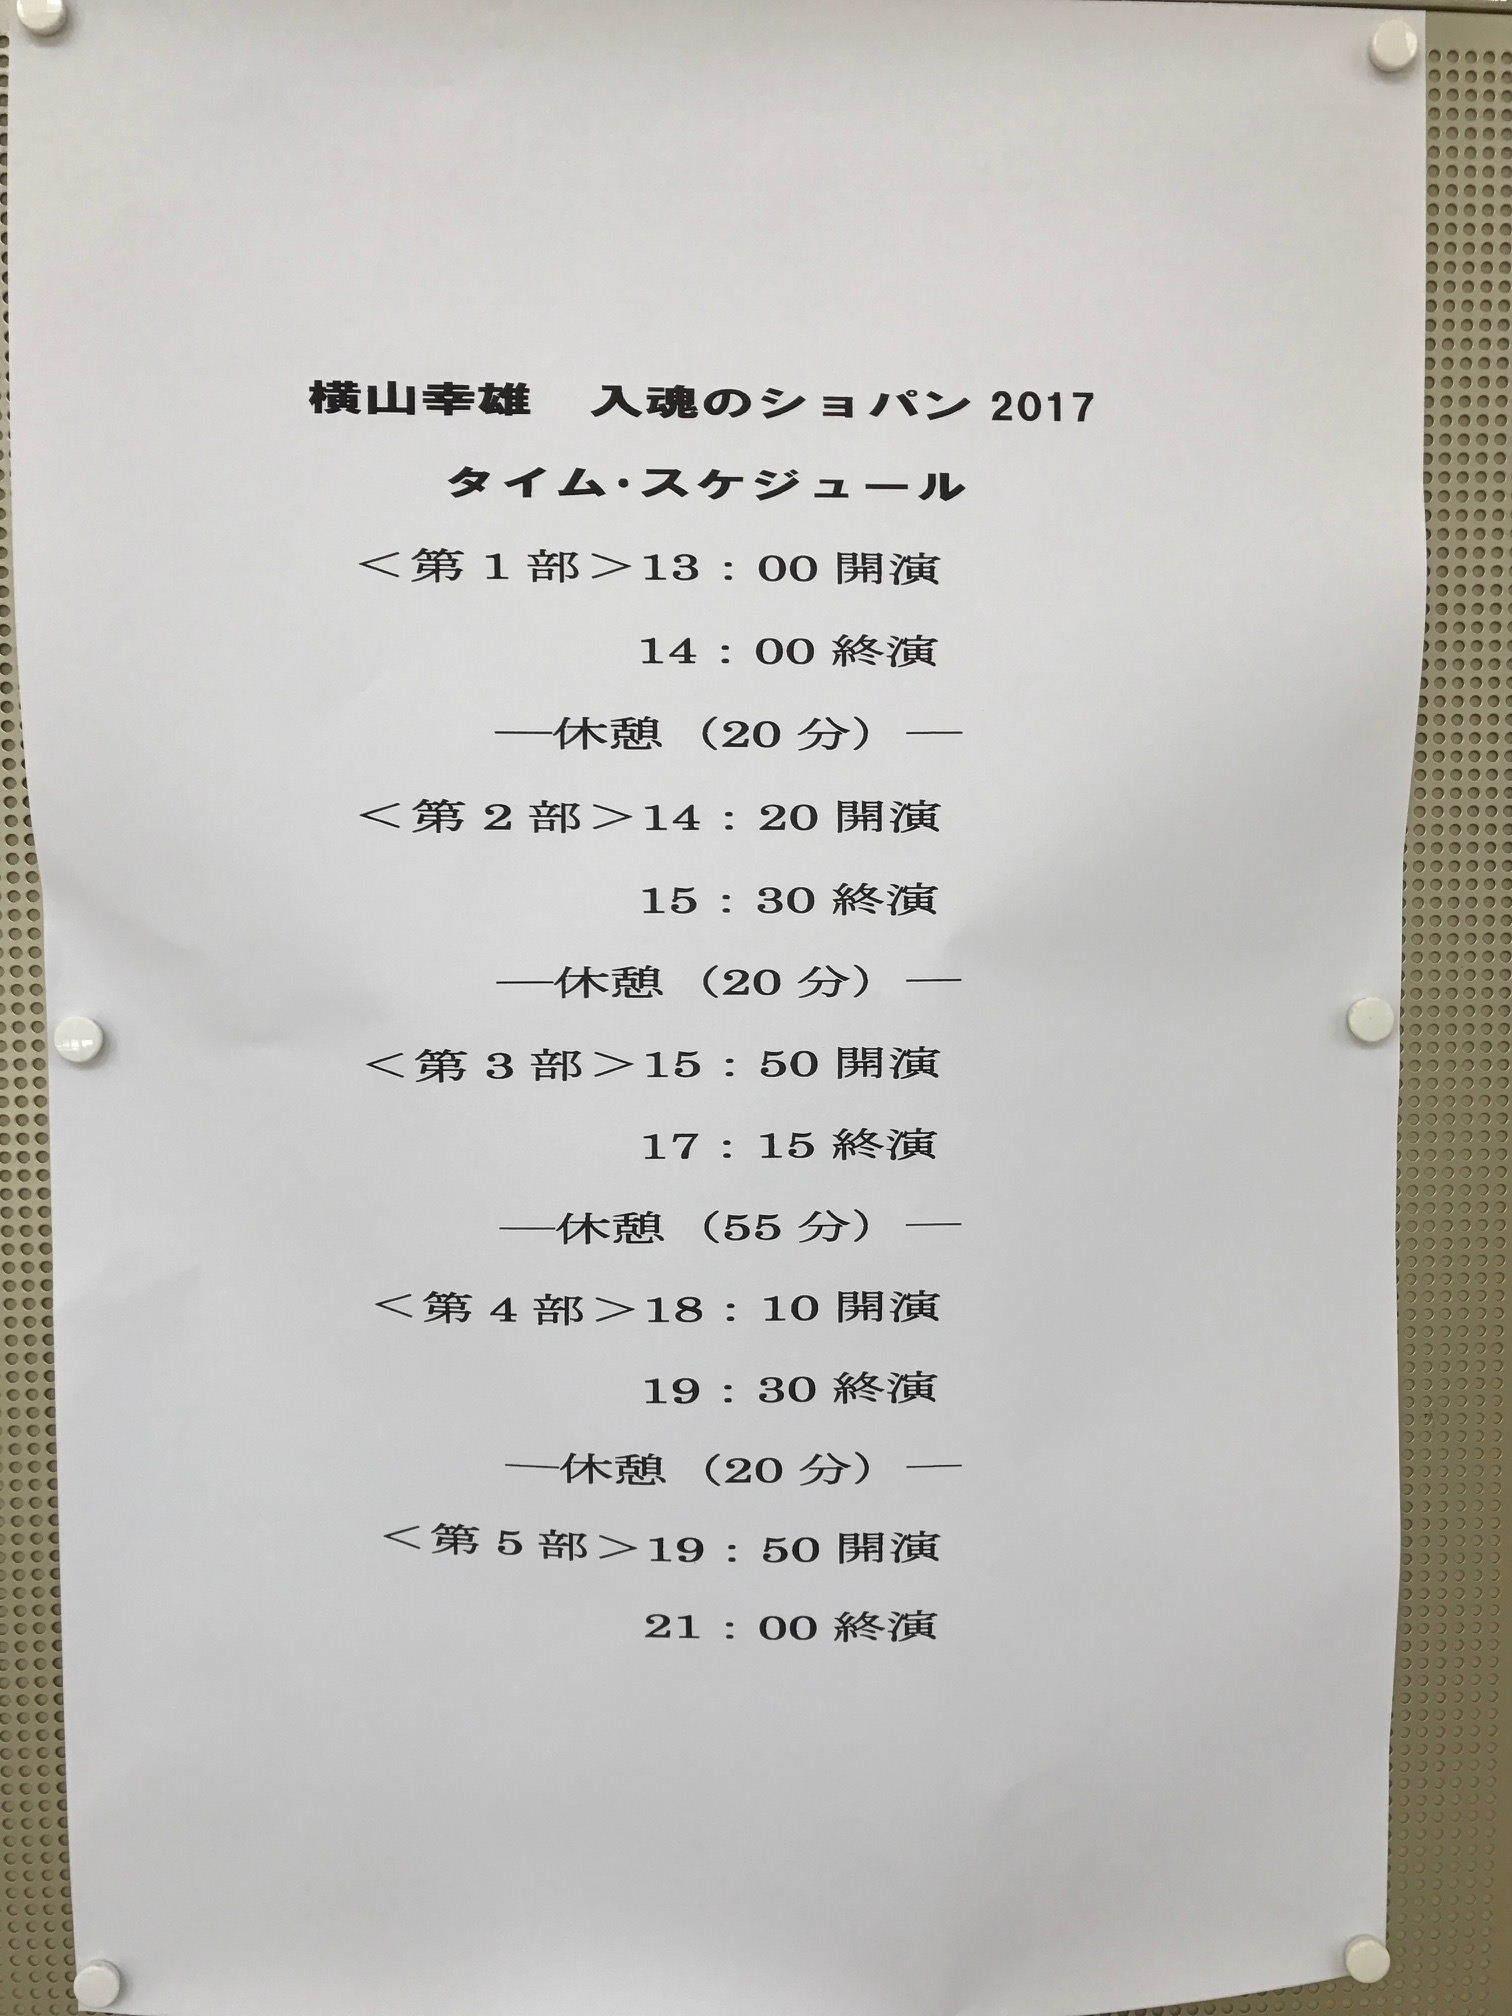 20170505.jpg